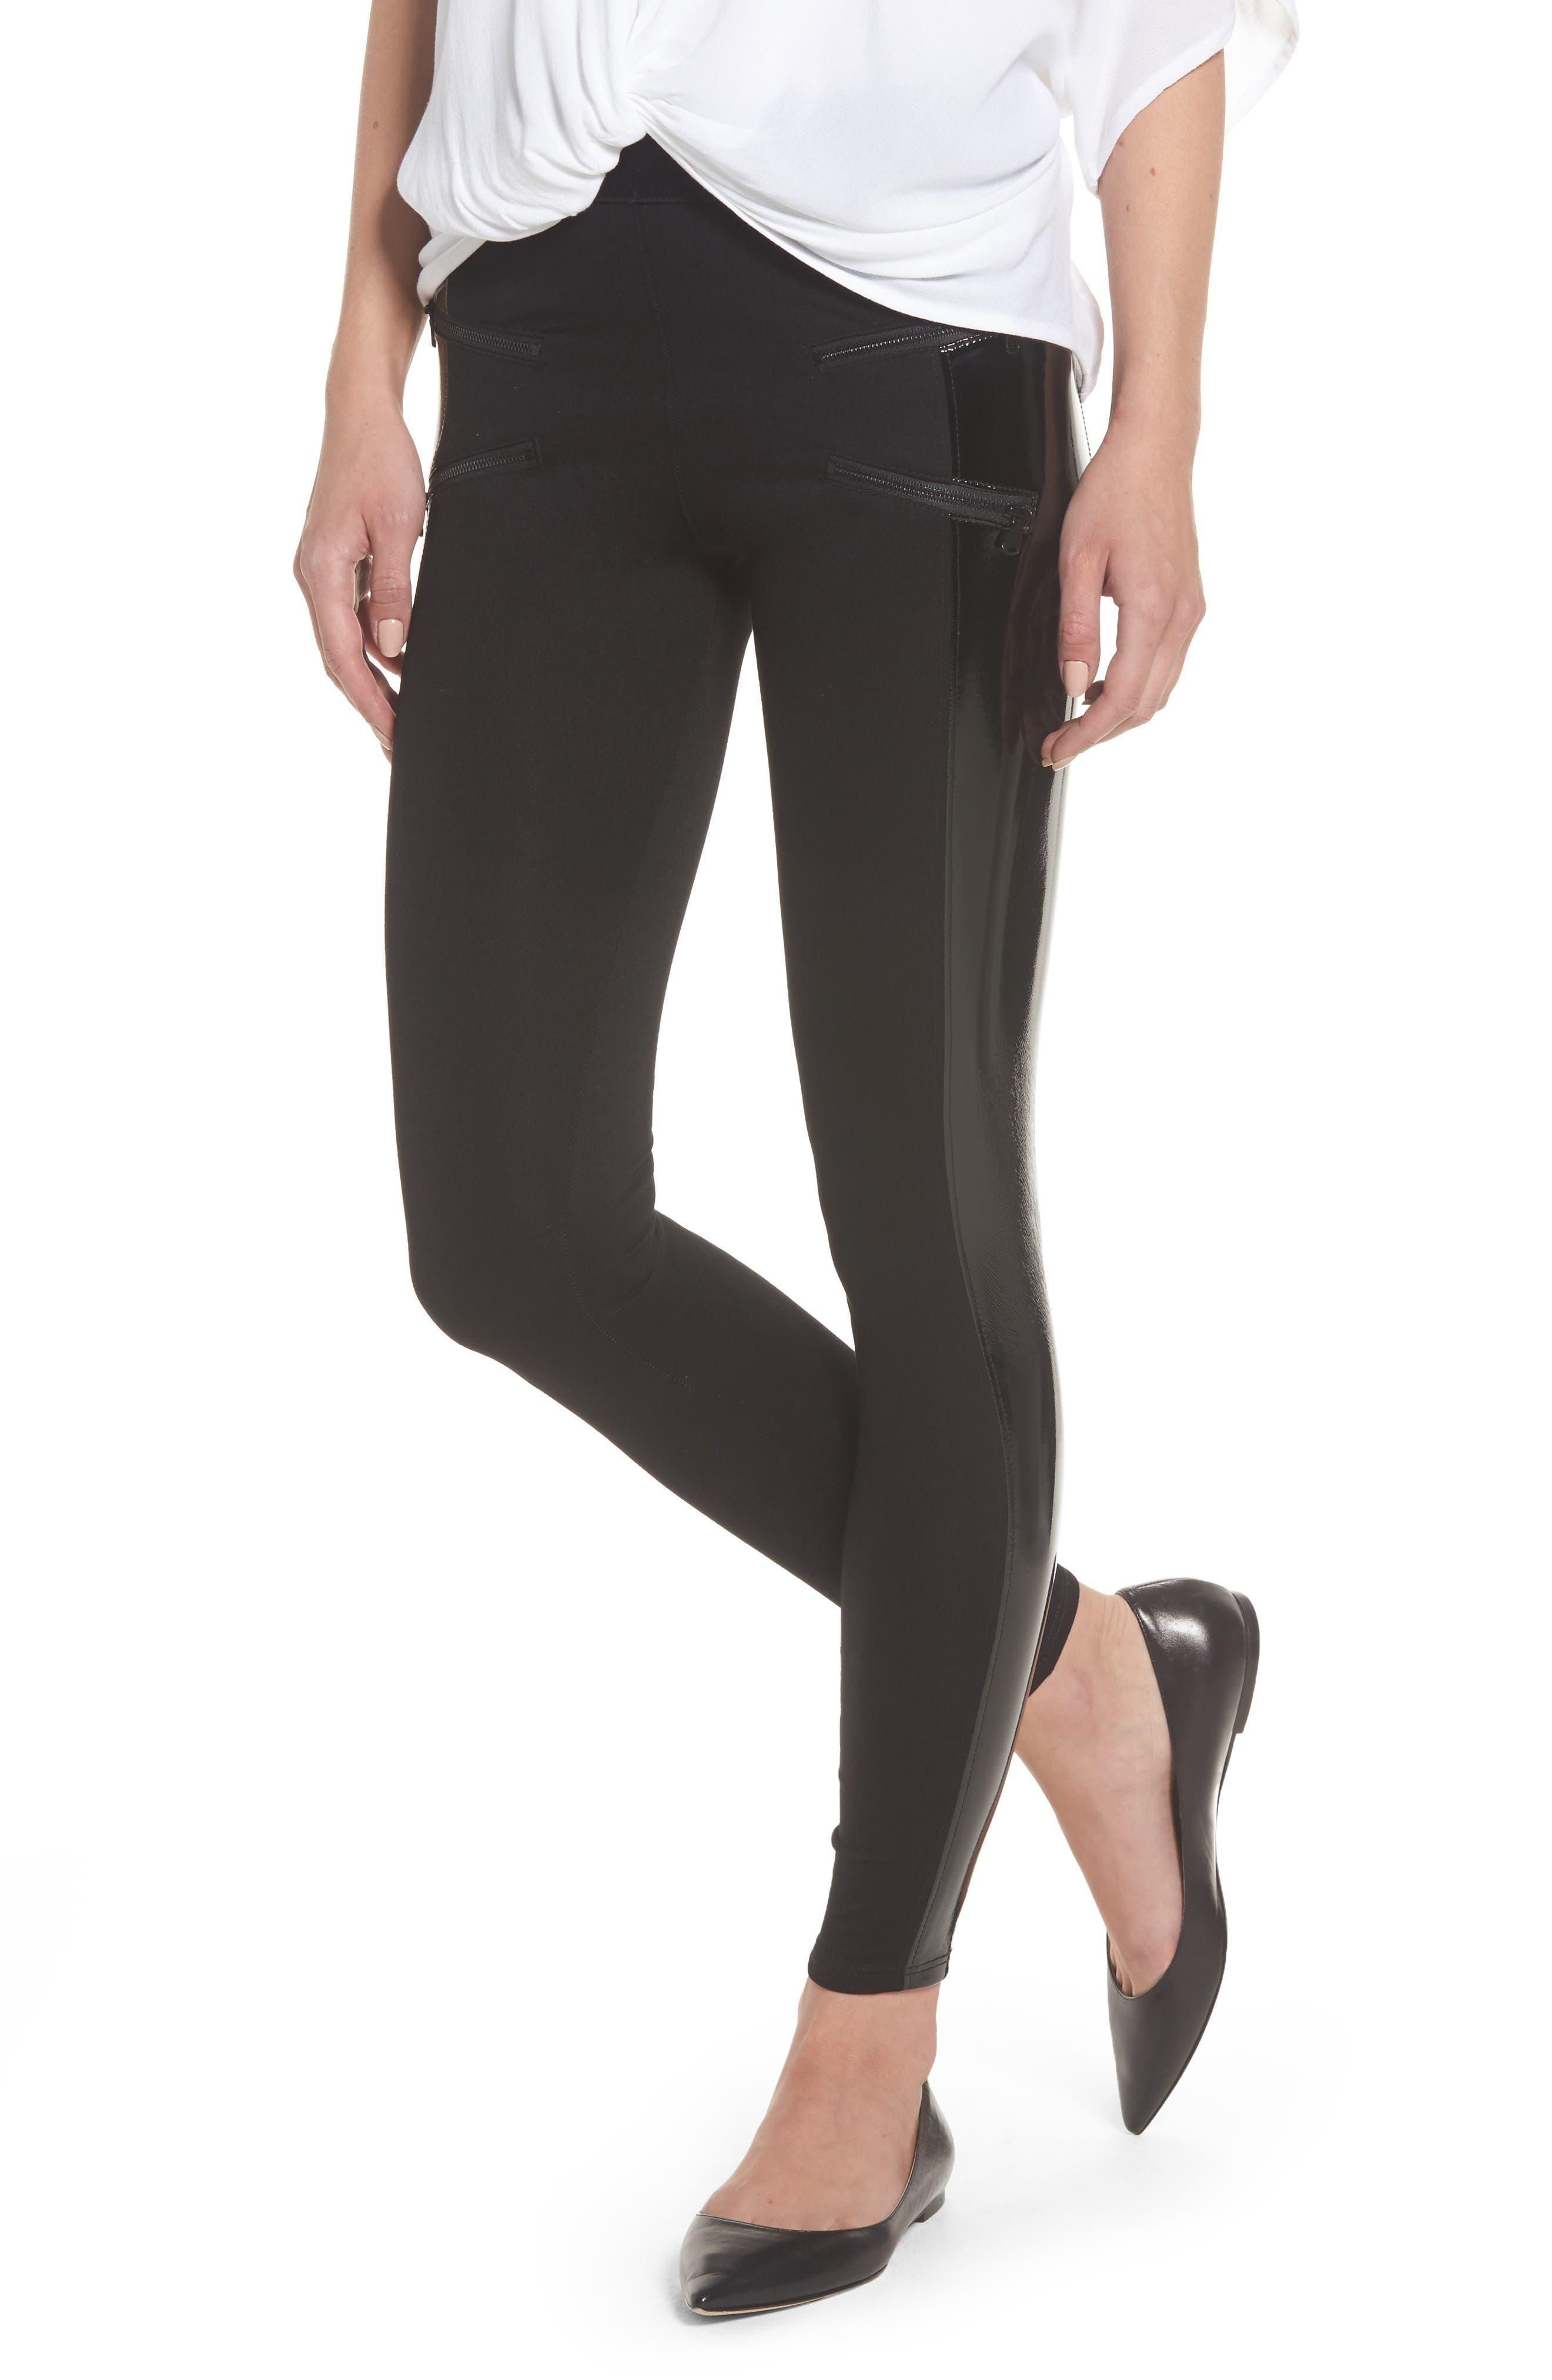 Starburst High Waist Leggings,                         Main,                         color,